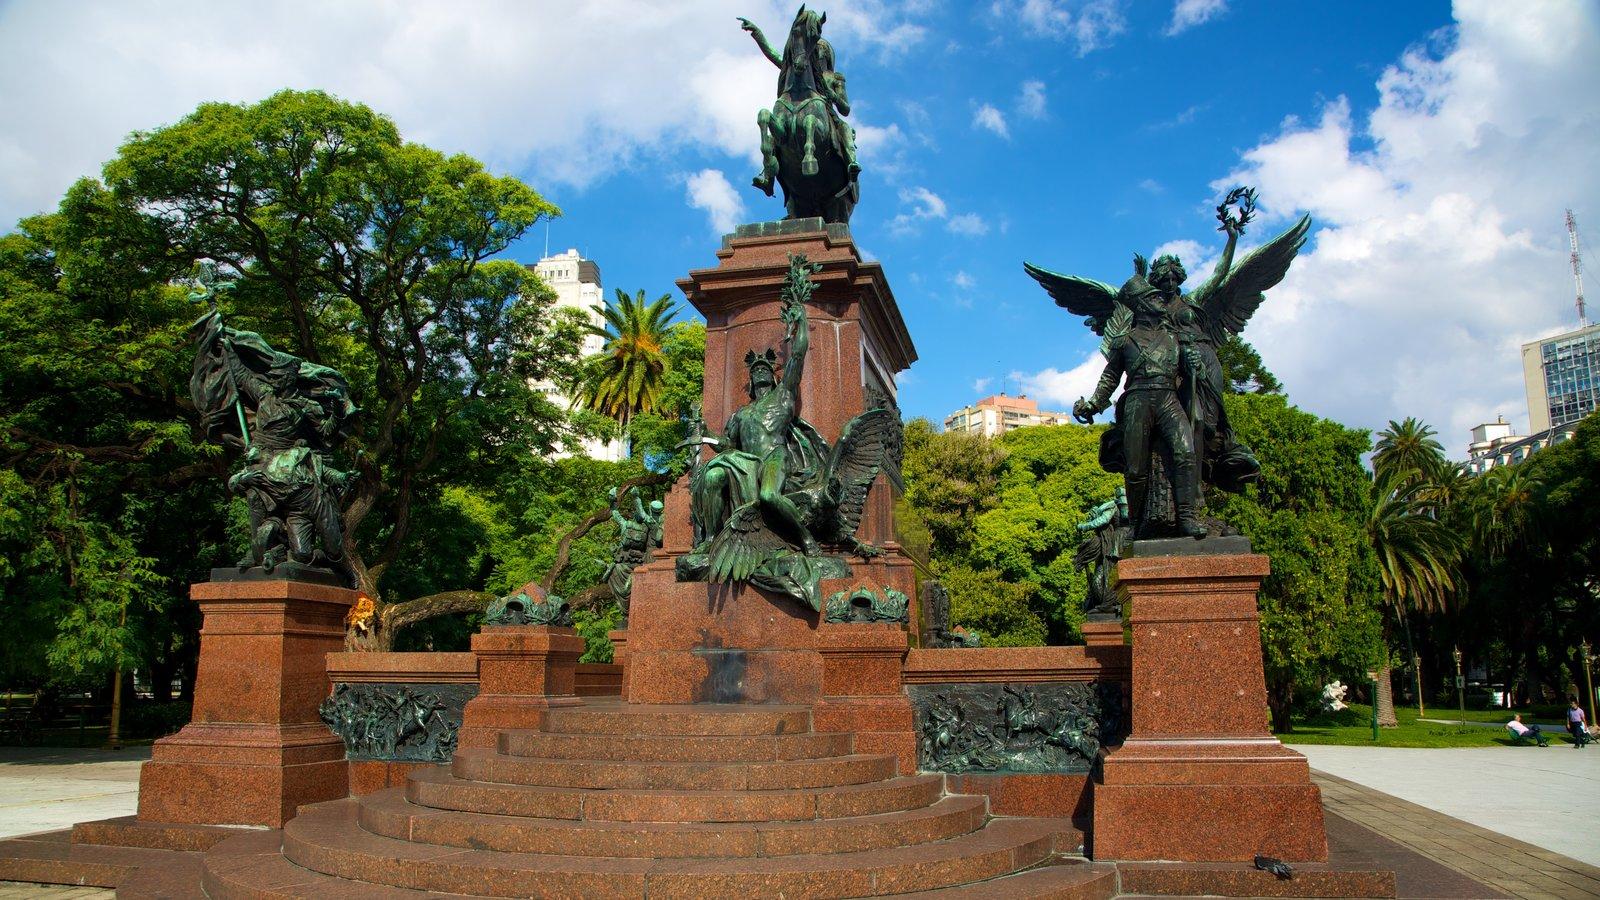 Plaza San Martín que inclui uma estátua ou escultura e uma praça ou plaza